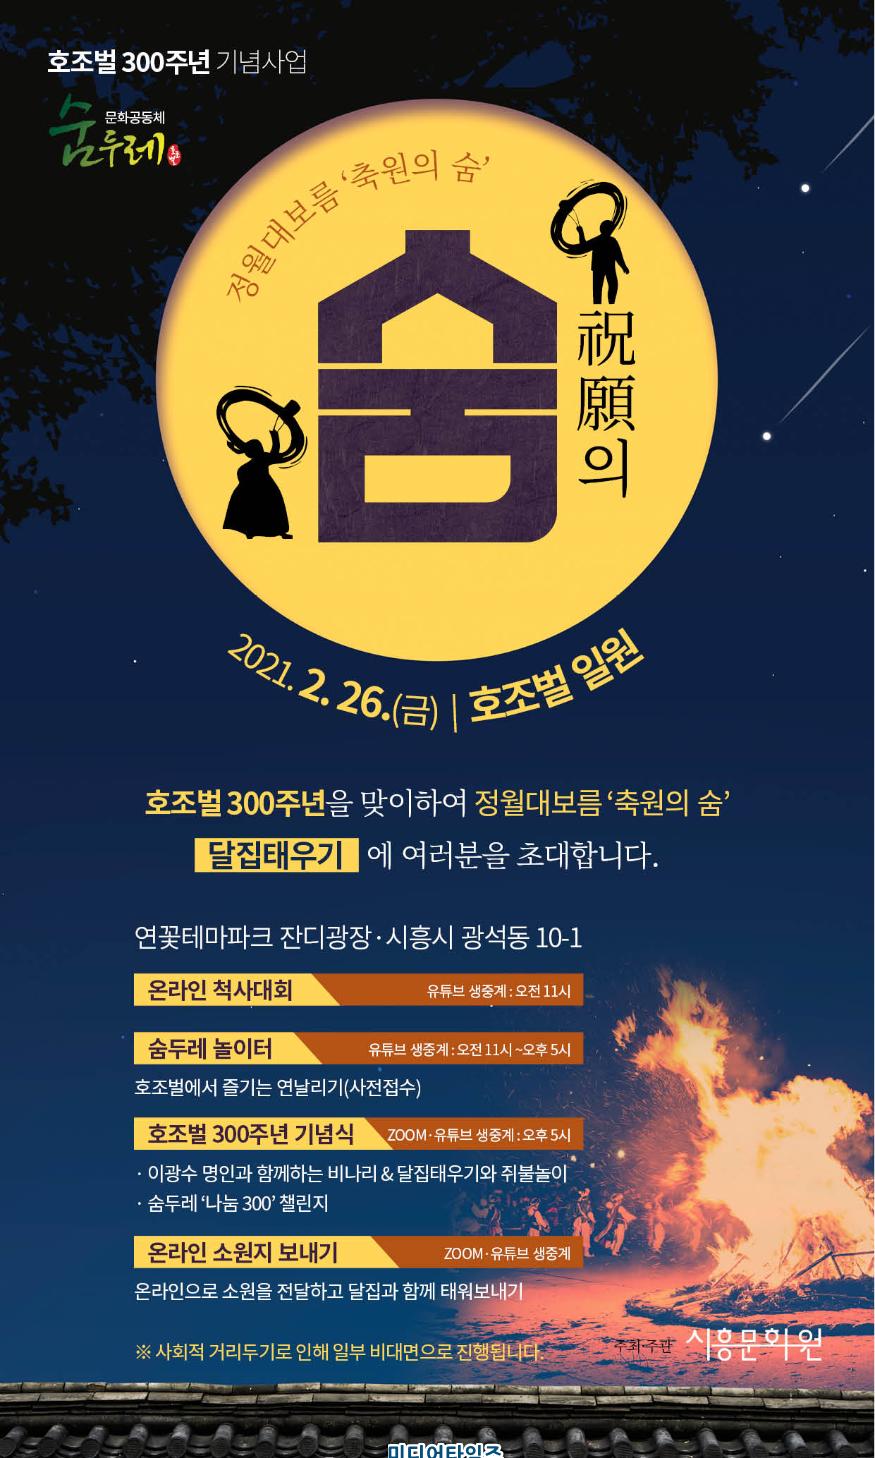 호조벌300주년기념사업 정월대보름'축원의 숨'-포스터.png